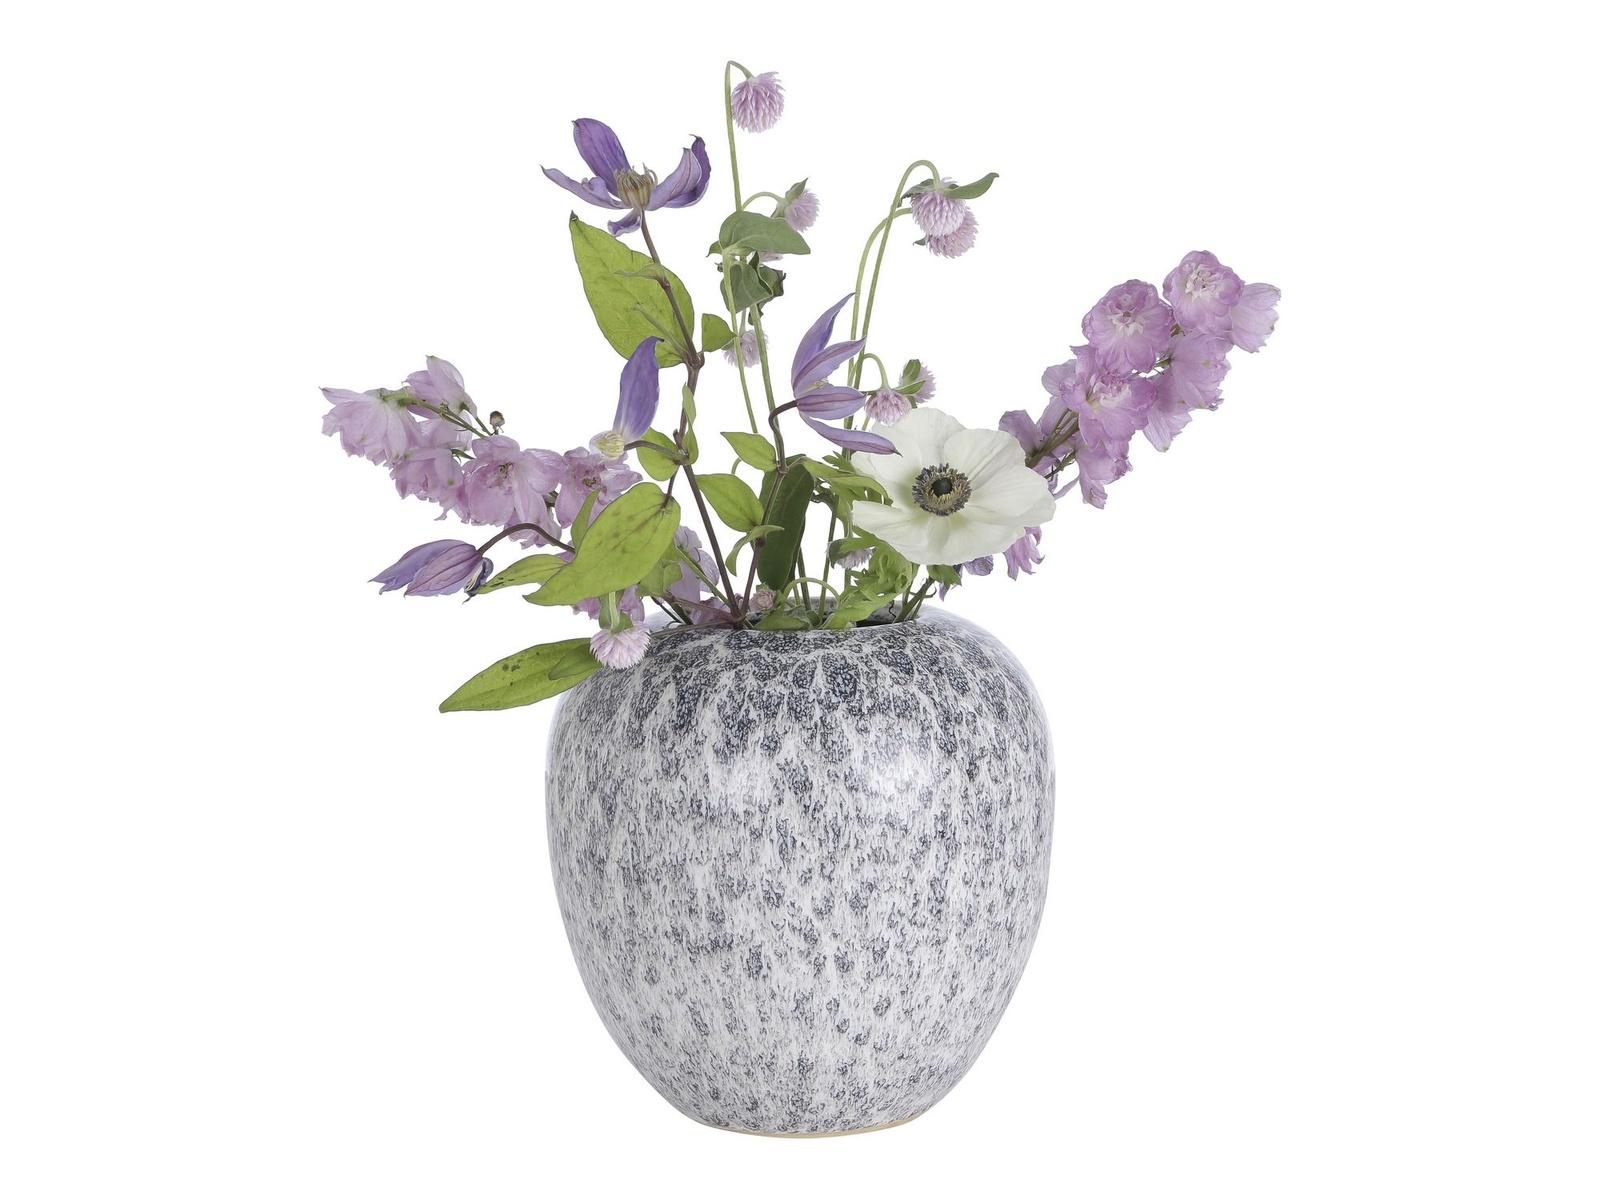 Ваза A Simple Mess Yst керамическая, цвет: мультиколор, высота 19 см. SM963705 ваза nina glass грейси цвет оранжевый высота 19 см